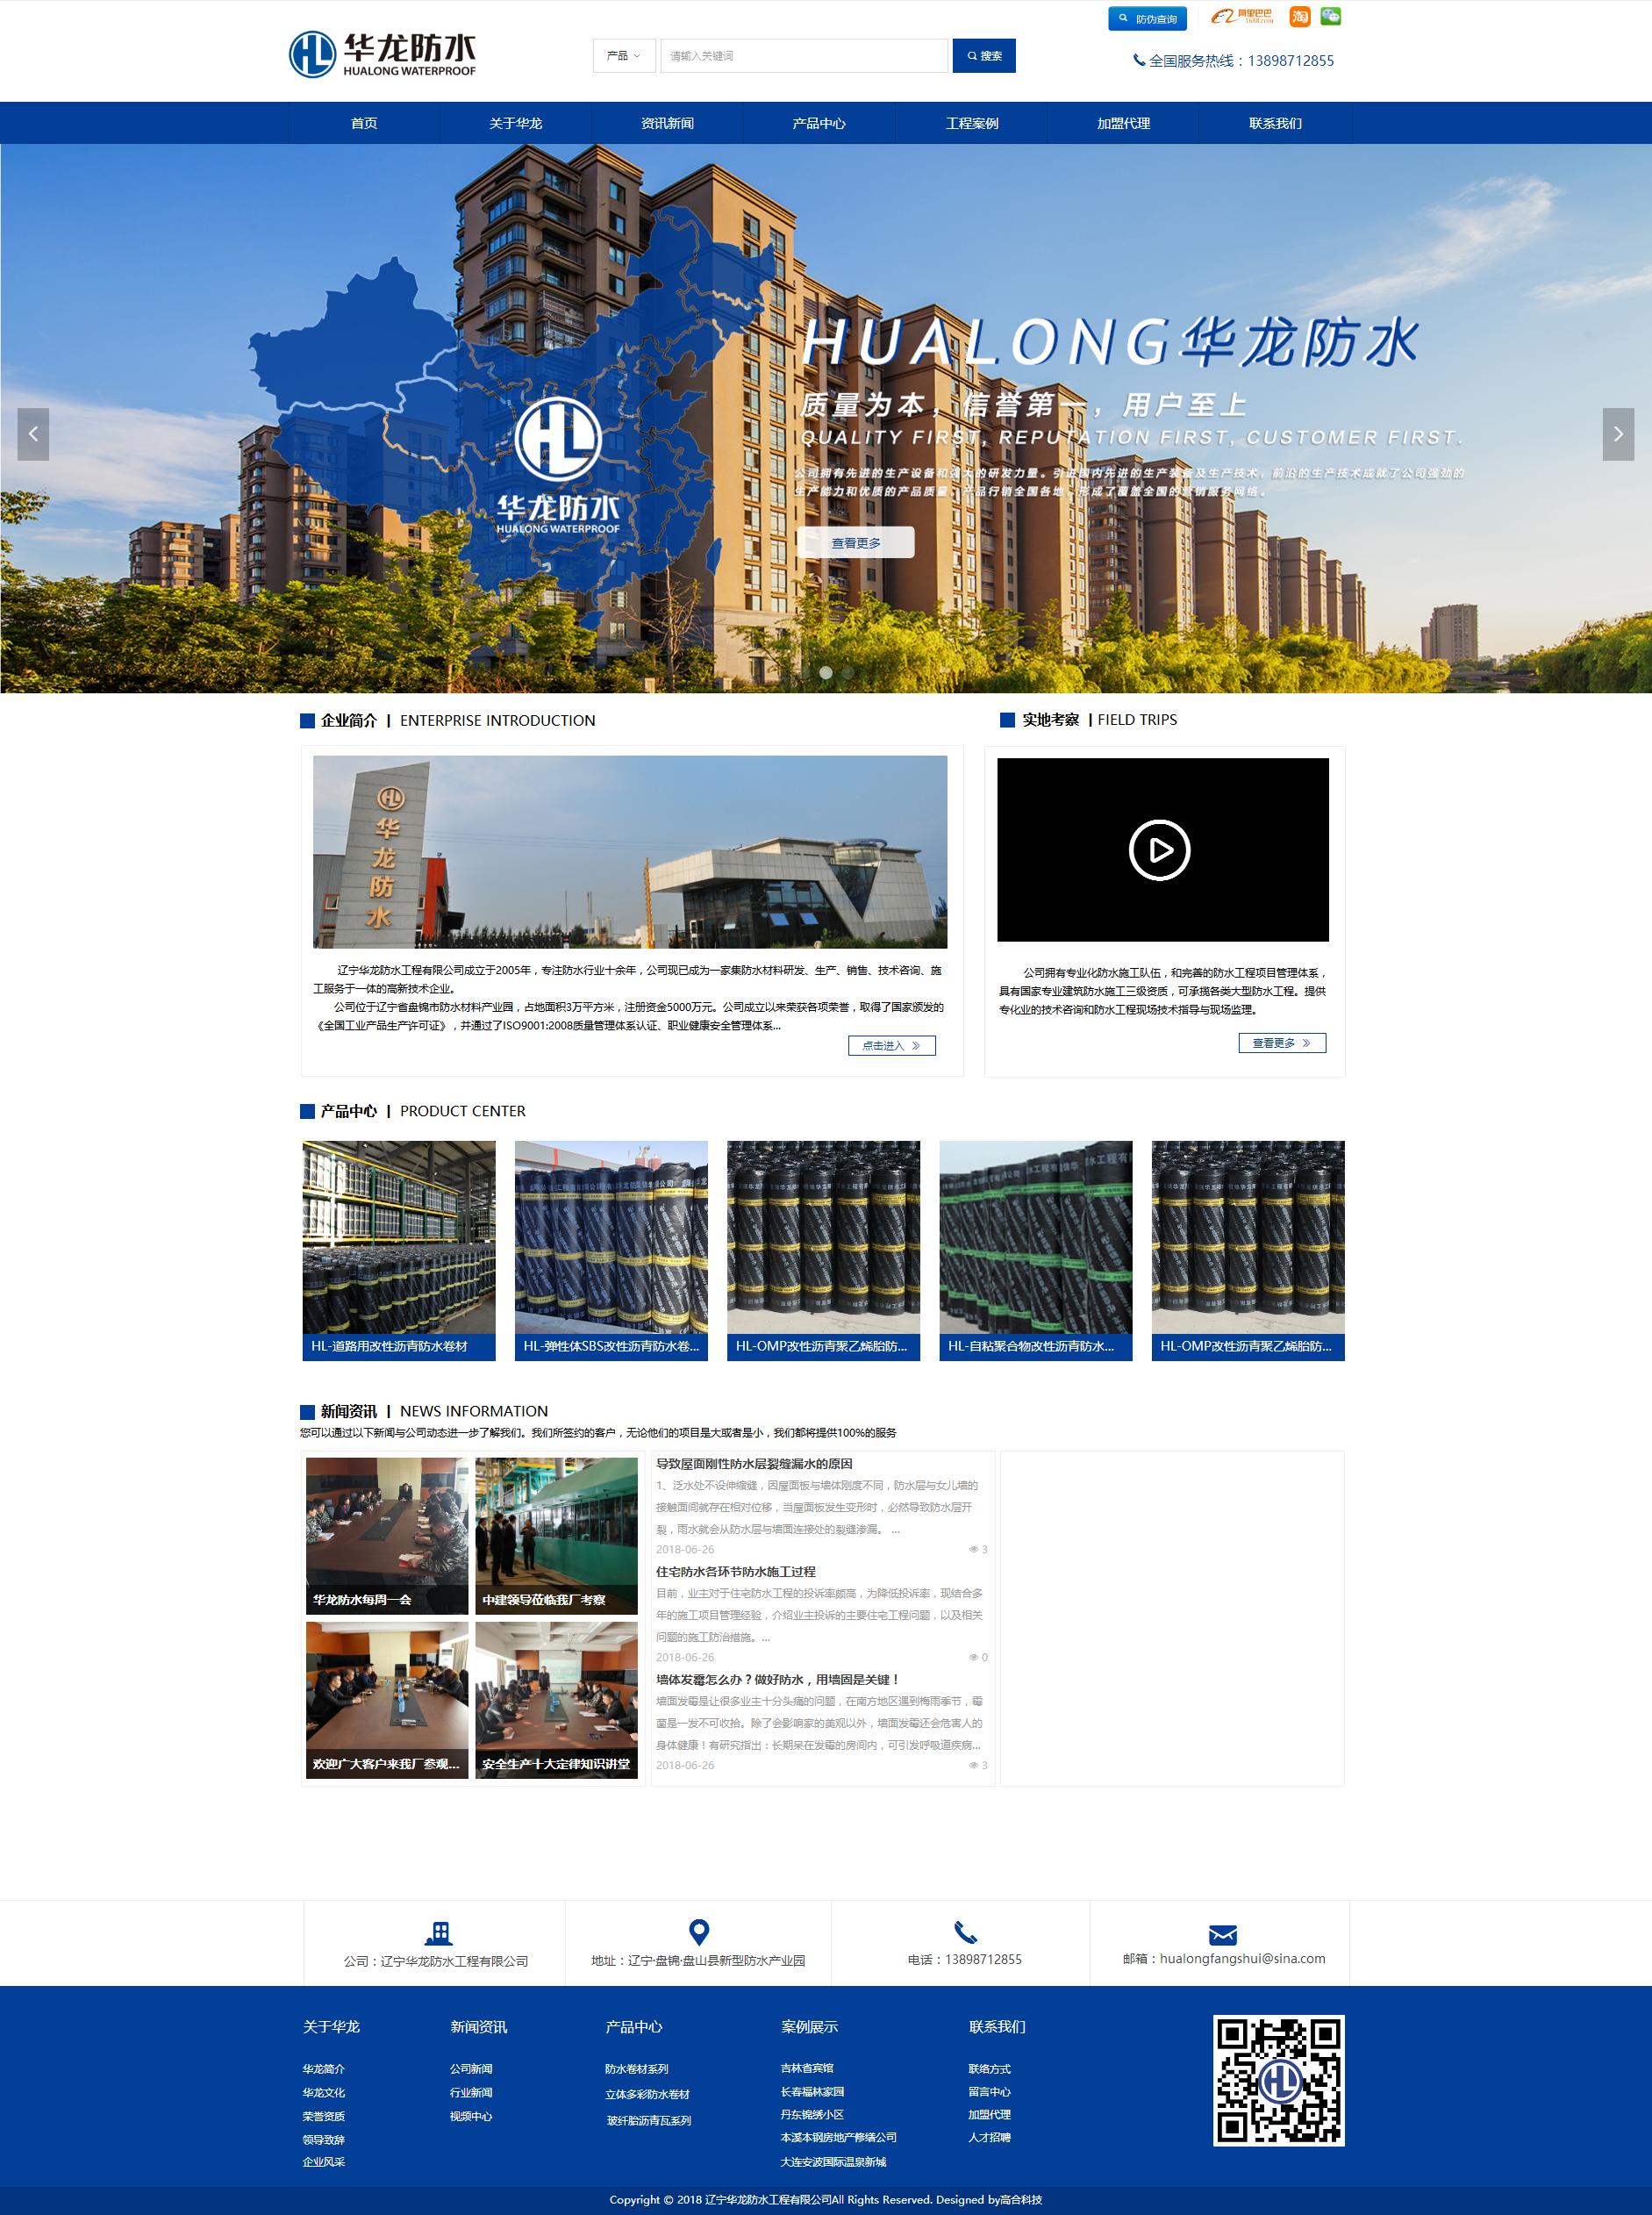 辽宁华龙防水工程有限公司